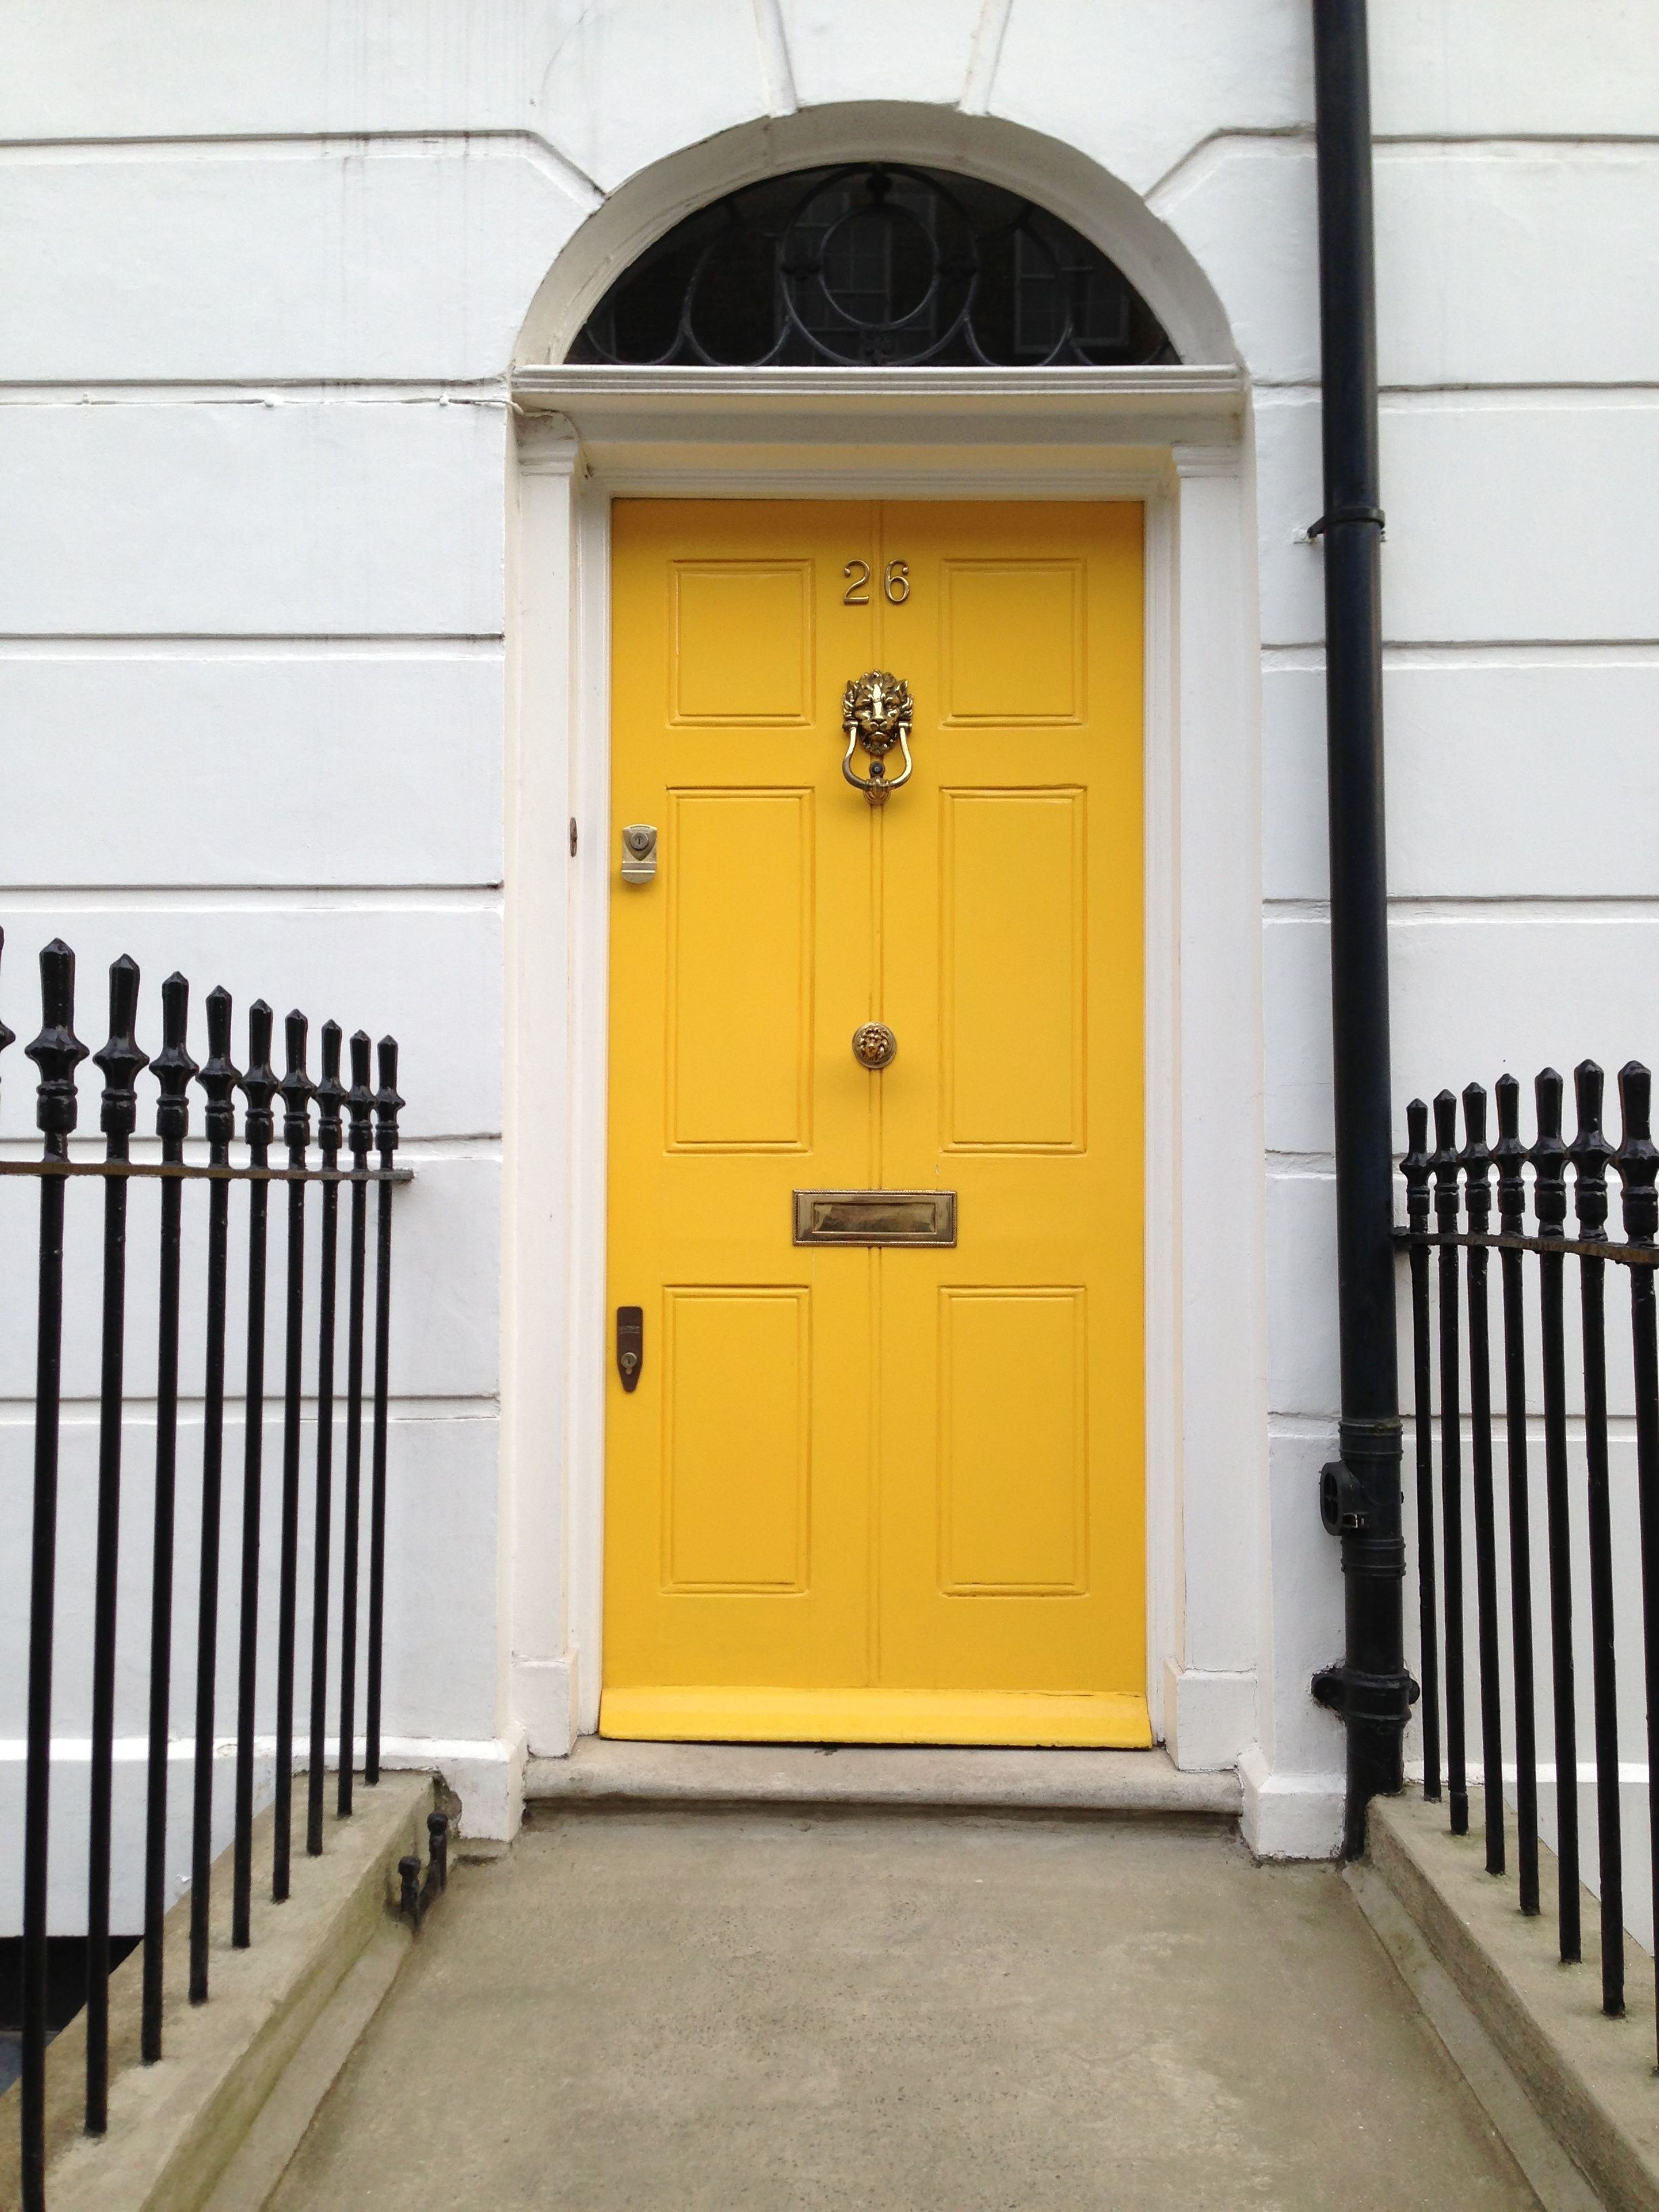 Oh it's a yellow door!